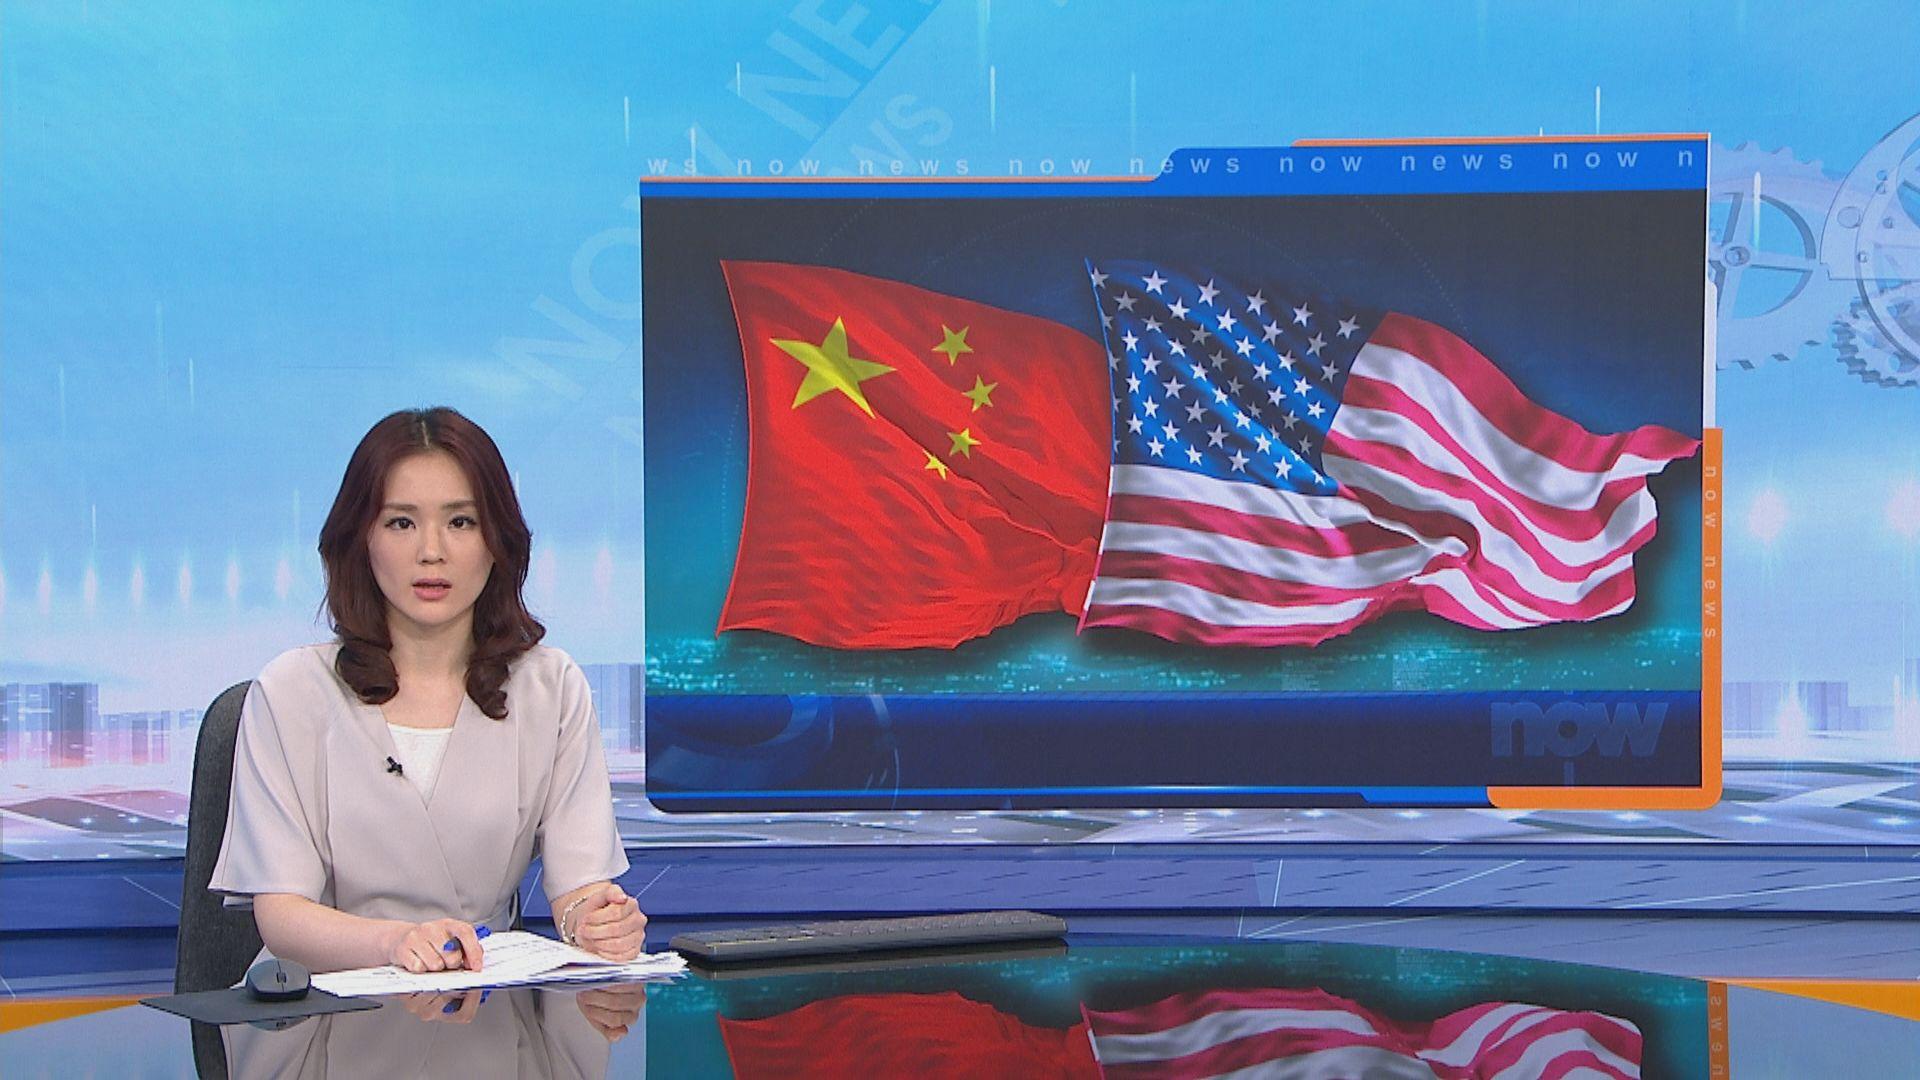 中美關係急速惡化 分析認為中美新冷戰正形成